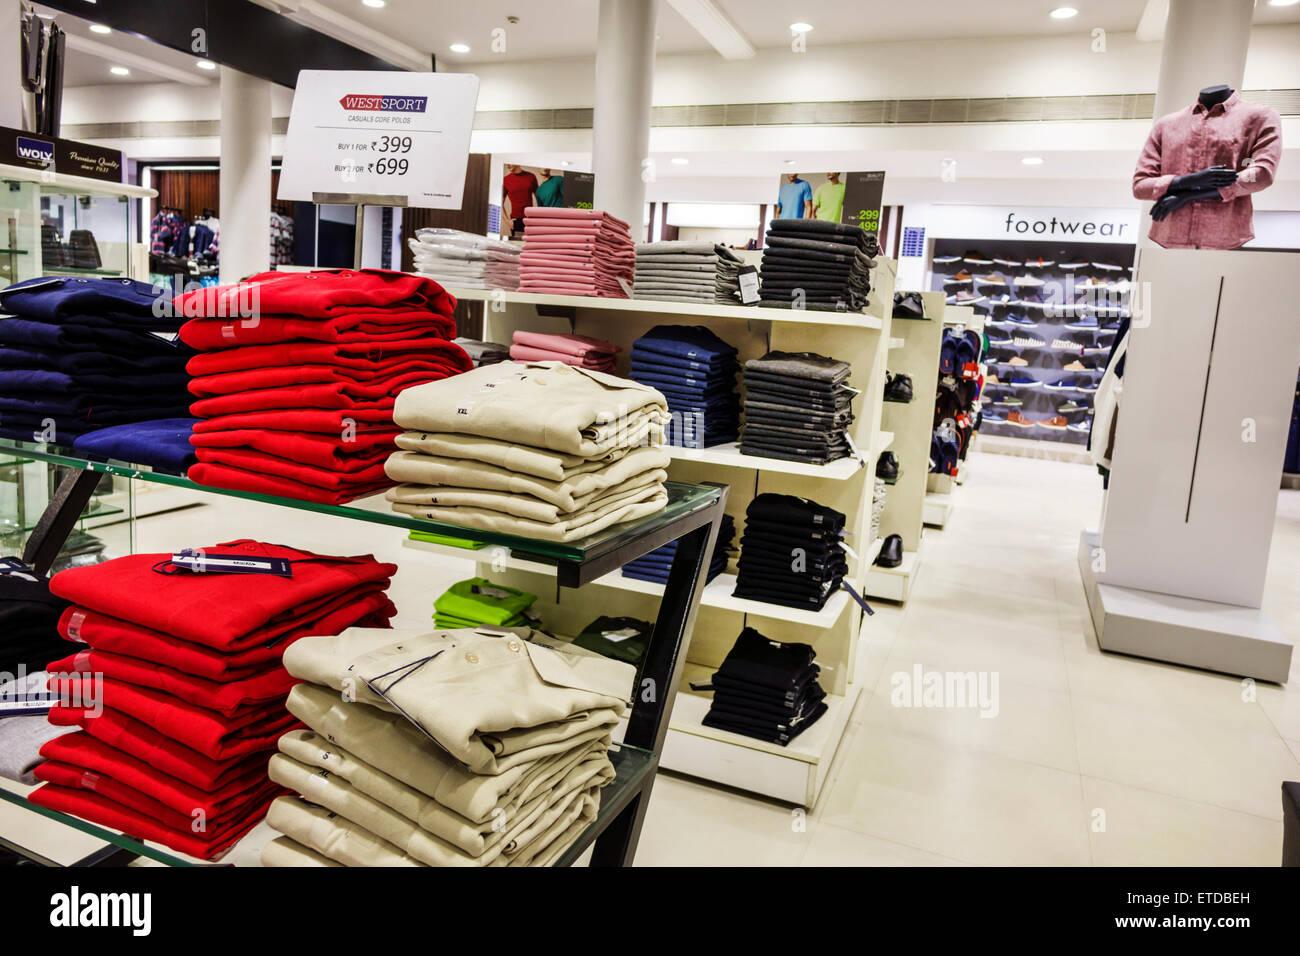 Westside india shop online